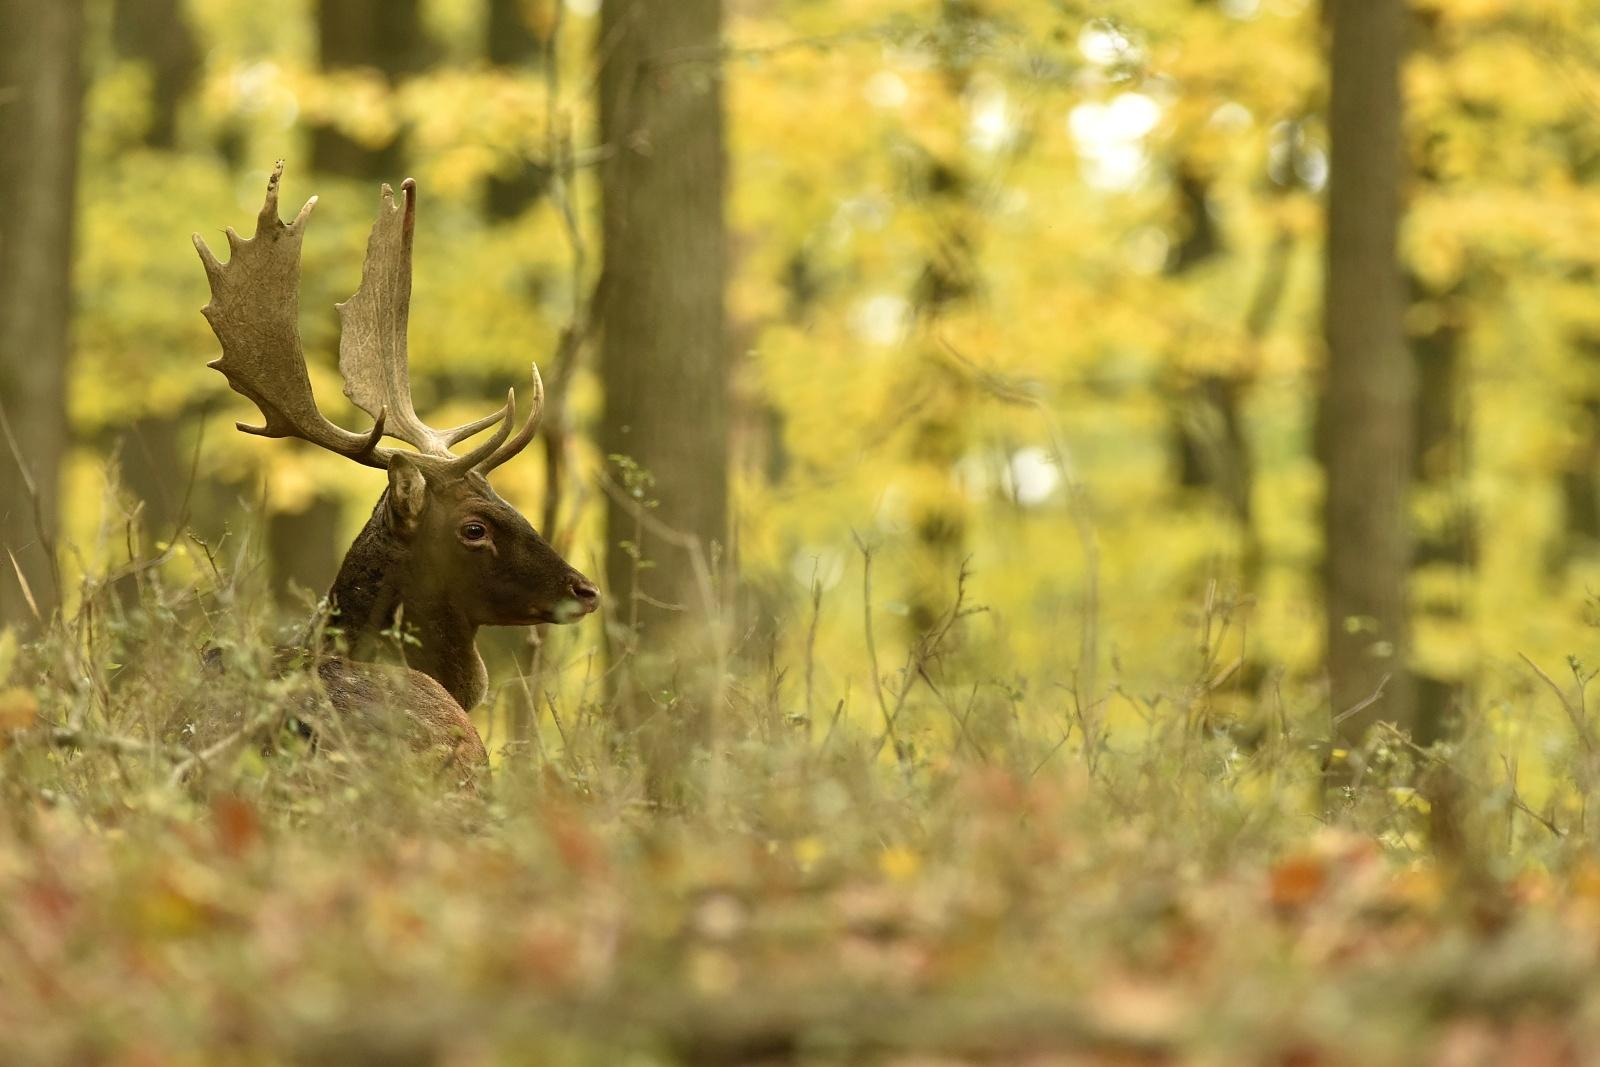 42c30b6f3 Jeseň je pre mnohých wildlife fotografov plná vysnivaných fotografii,  predstáv a túžob zachytiť jedinečný a neopakovateľný moment. Ponúka nám  hneď niekoľko ...